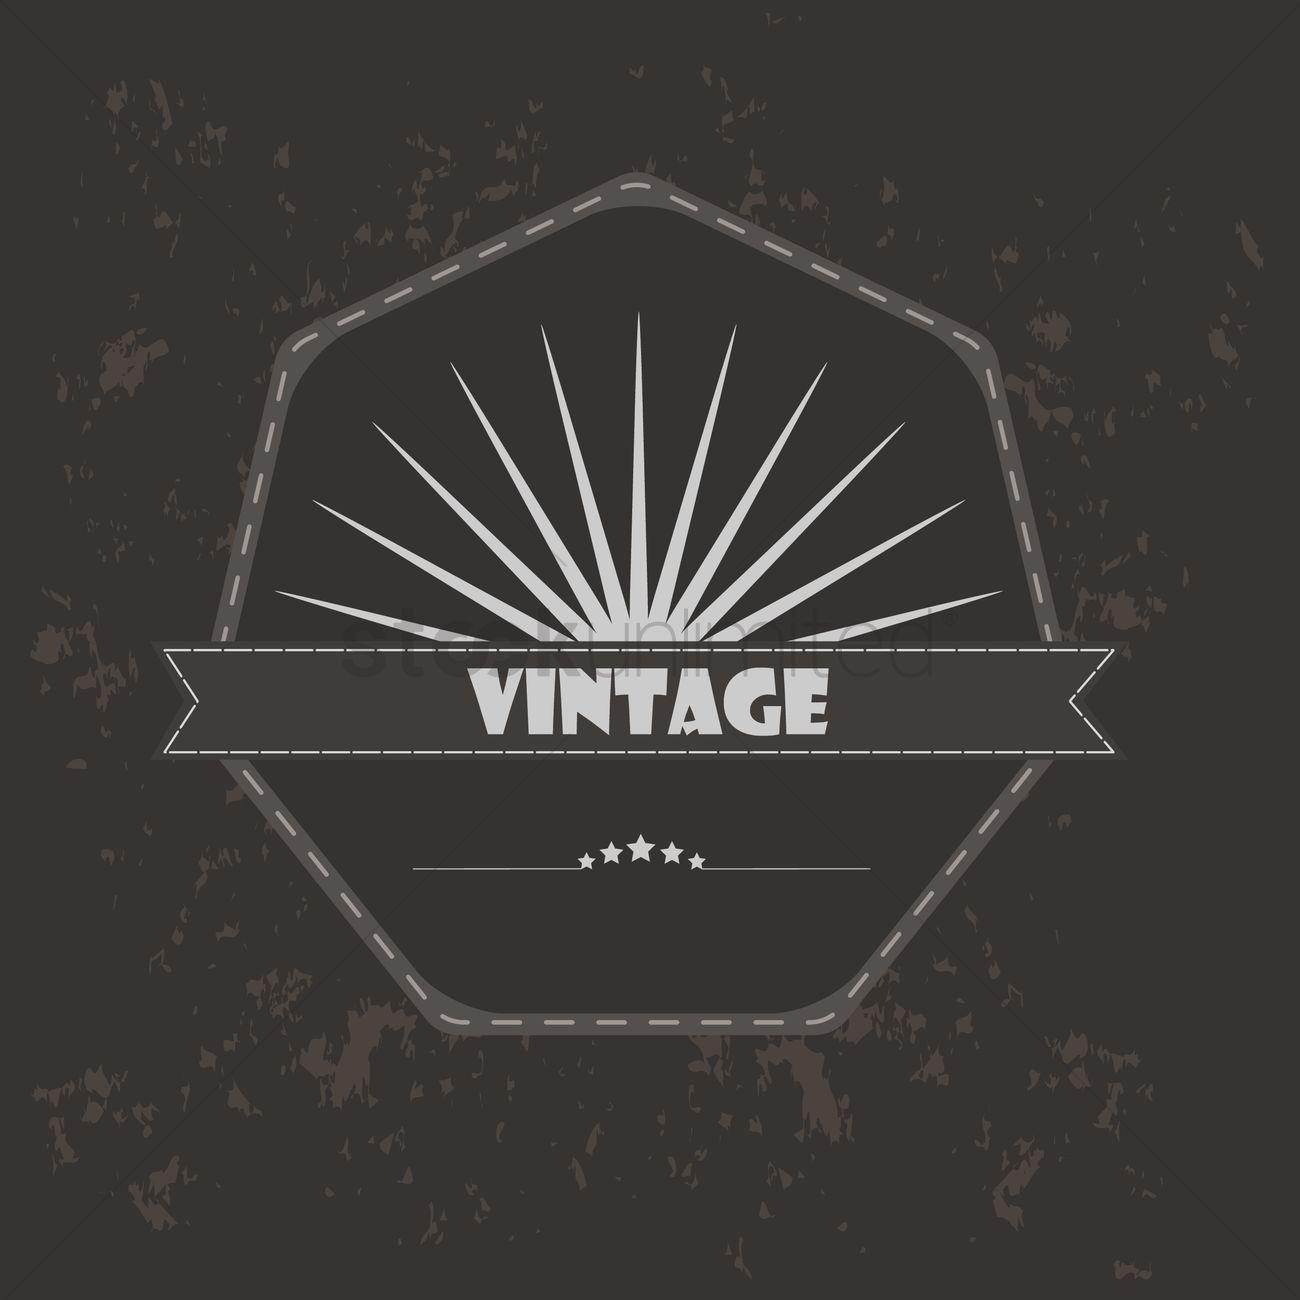 Vintage banner vector illustration